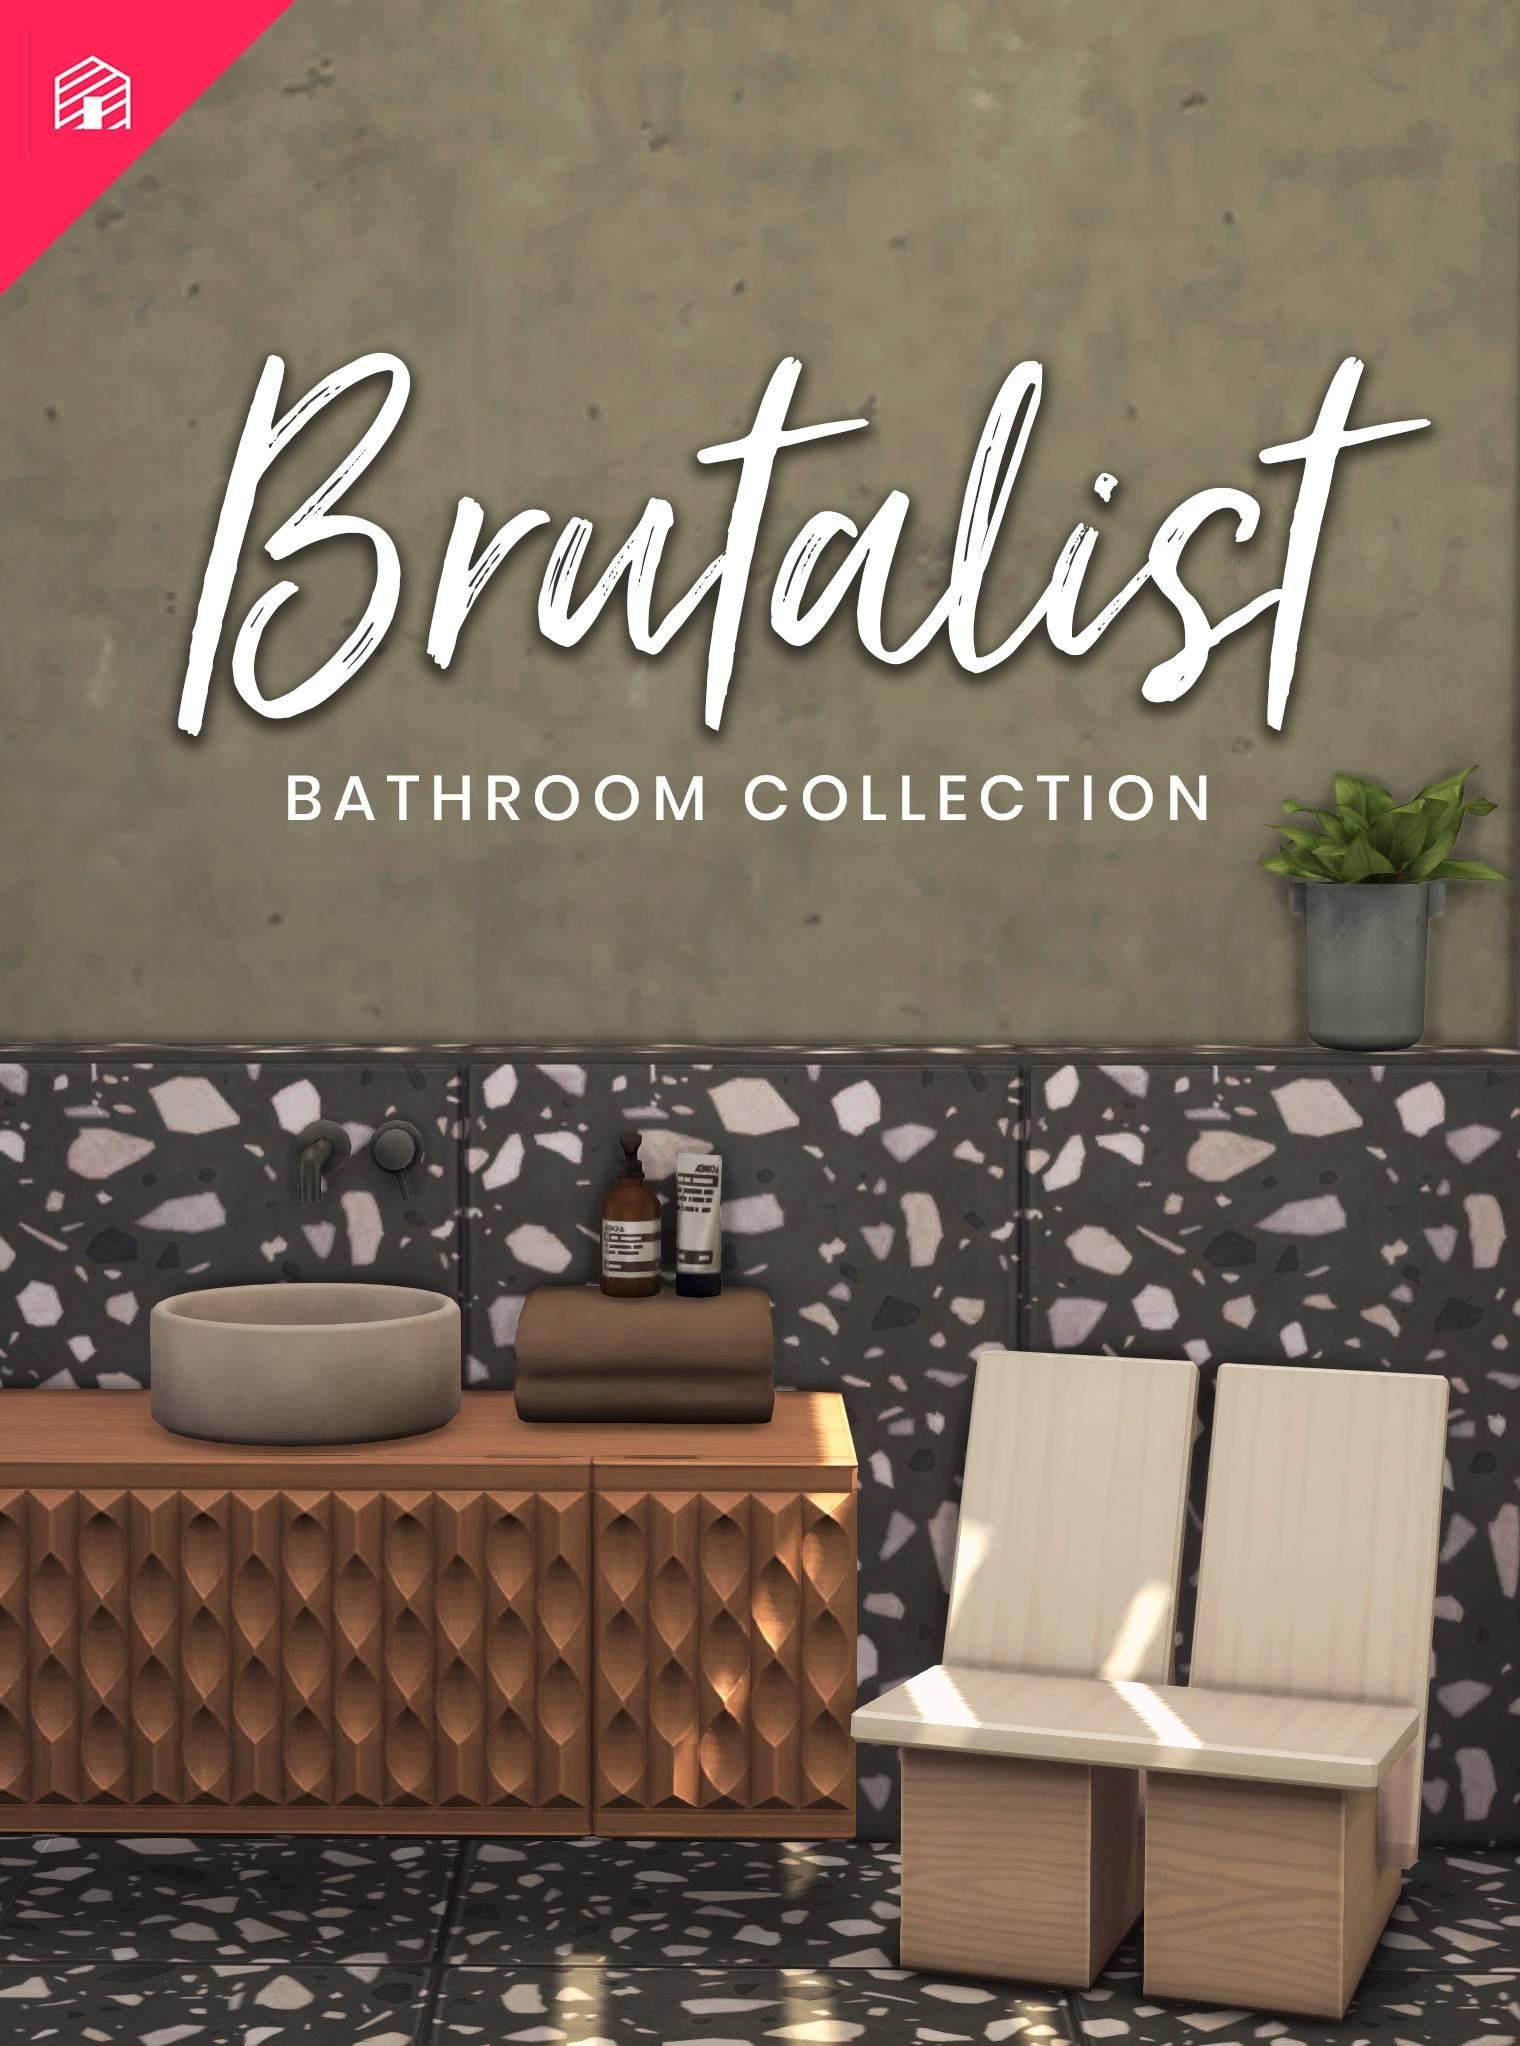 Ванная - The Brutalist Bathroom